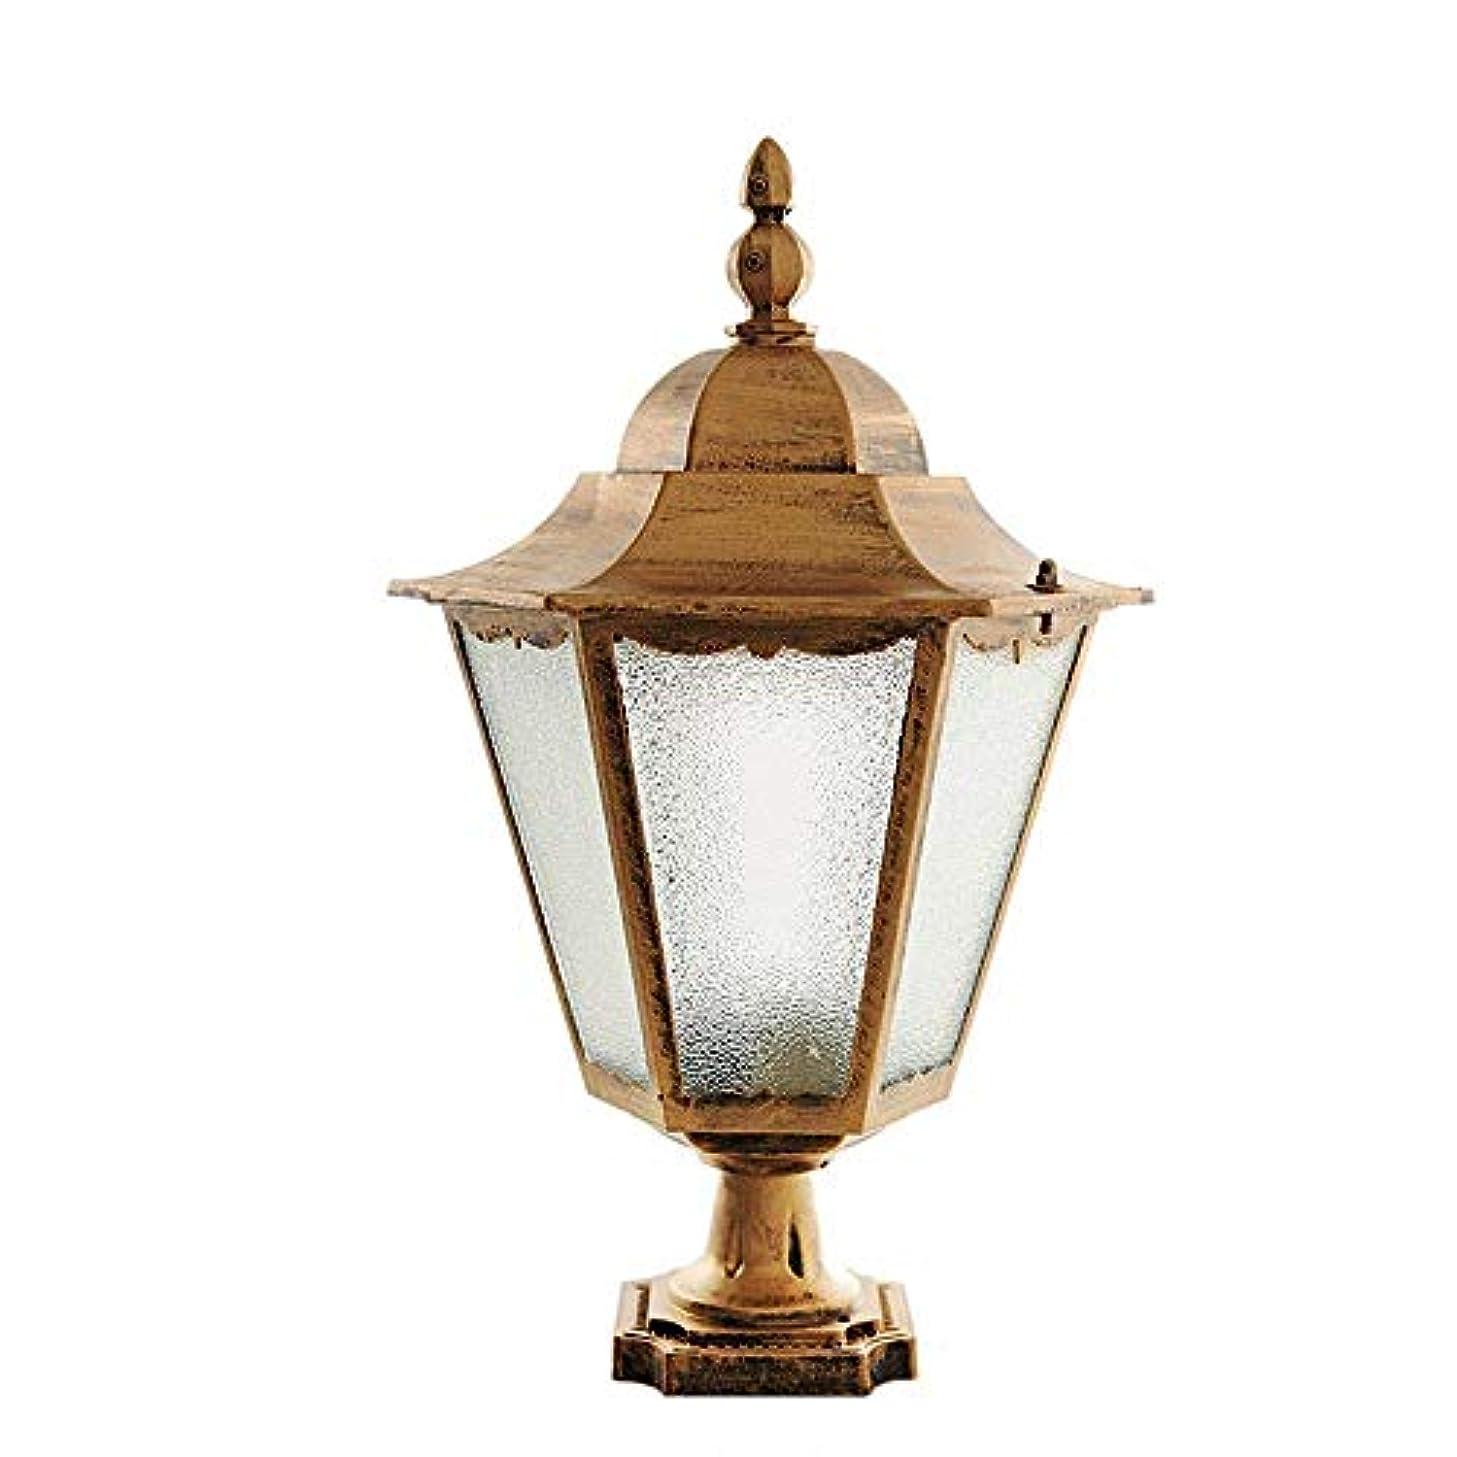 ケニアヒロイック芽Pinjeer E27屋外ガーデンガラスランタンヴィンテージip42防水防錆柱ライトダイキャストアルミ外照明ポストライトドア中庭ヴィラ風景装飾コラムランプ (Color : Brass, サイズ : L)